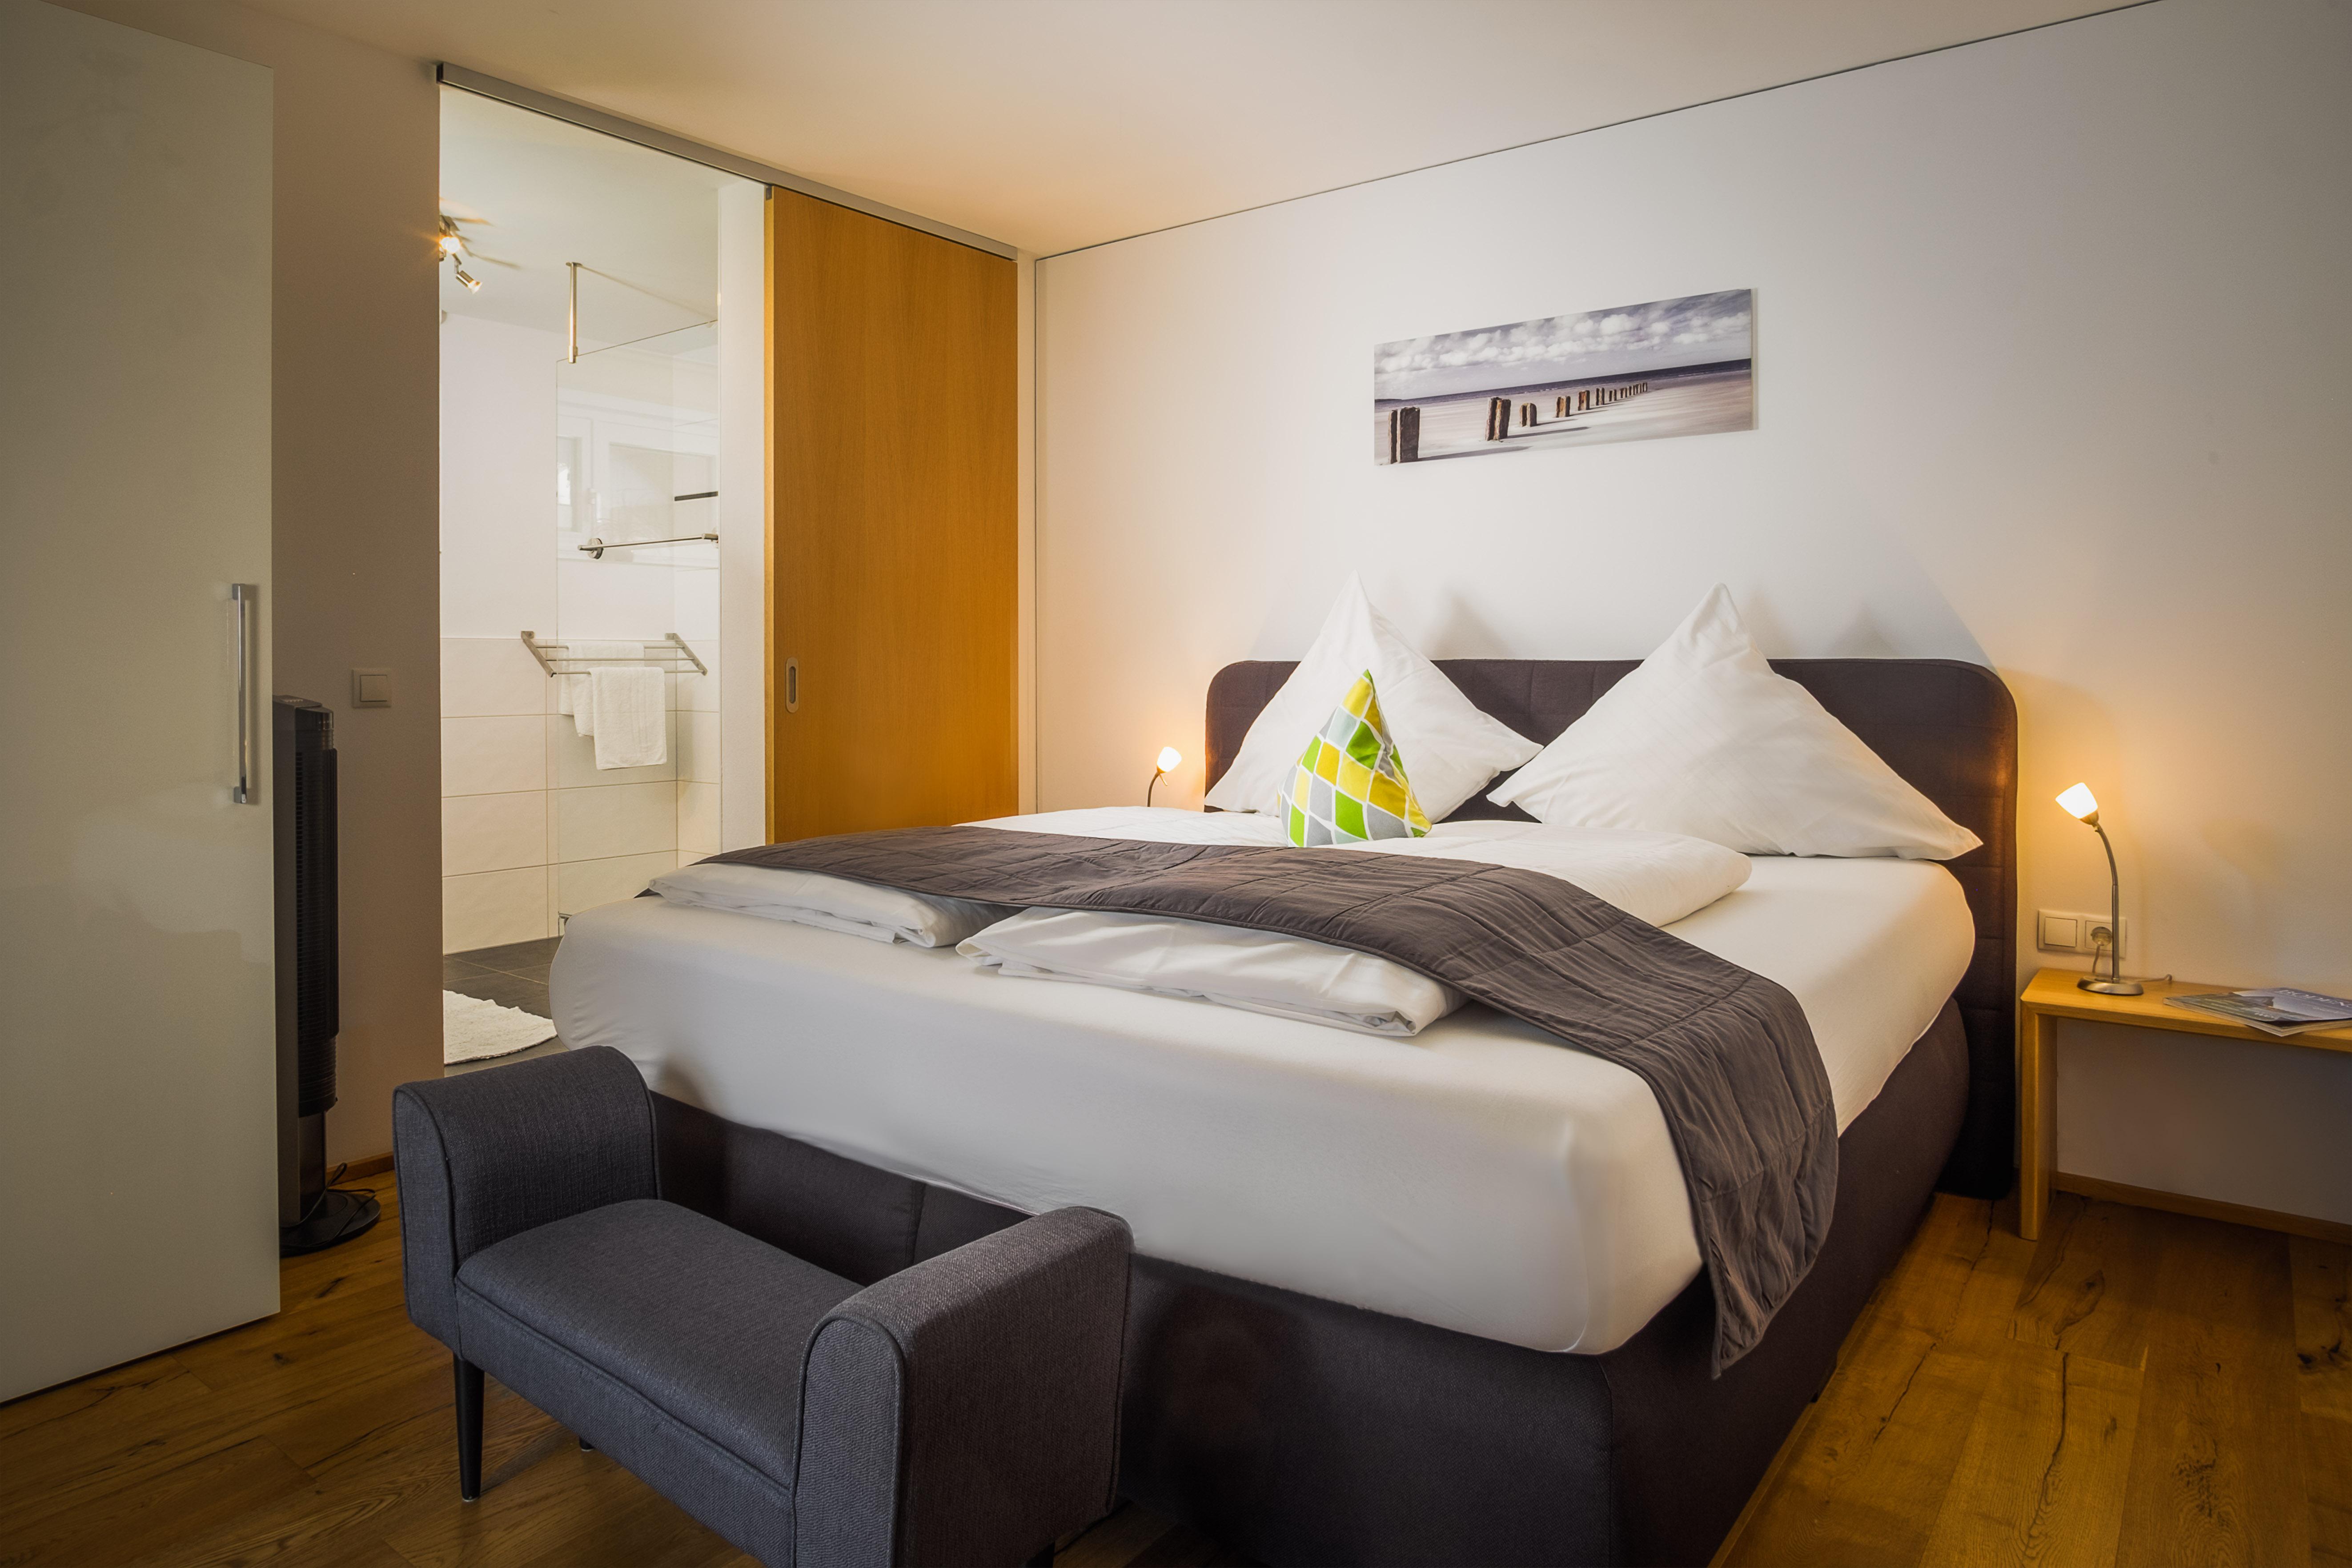 Maison de vacances Sandra, (Hörbranz). Ferienwohnung Seeblick, 58qm, 1 Schlafzimmer, max. 4 Personen (2127338), Hörbranz, Bregenz, Vorarlberg, Autriche, image 17